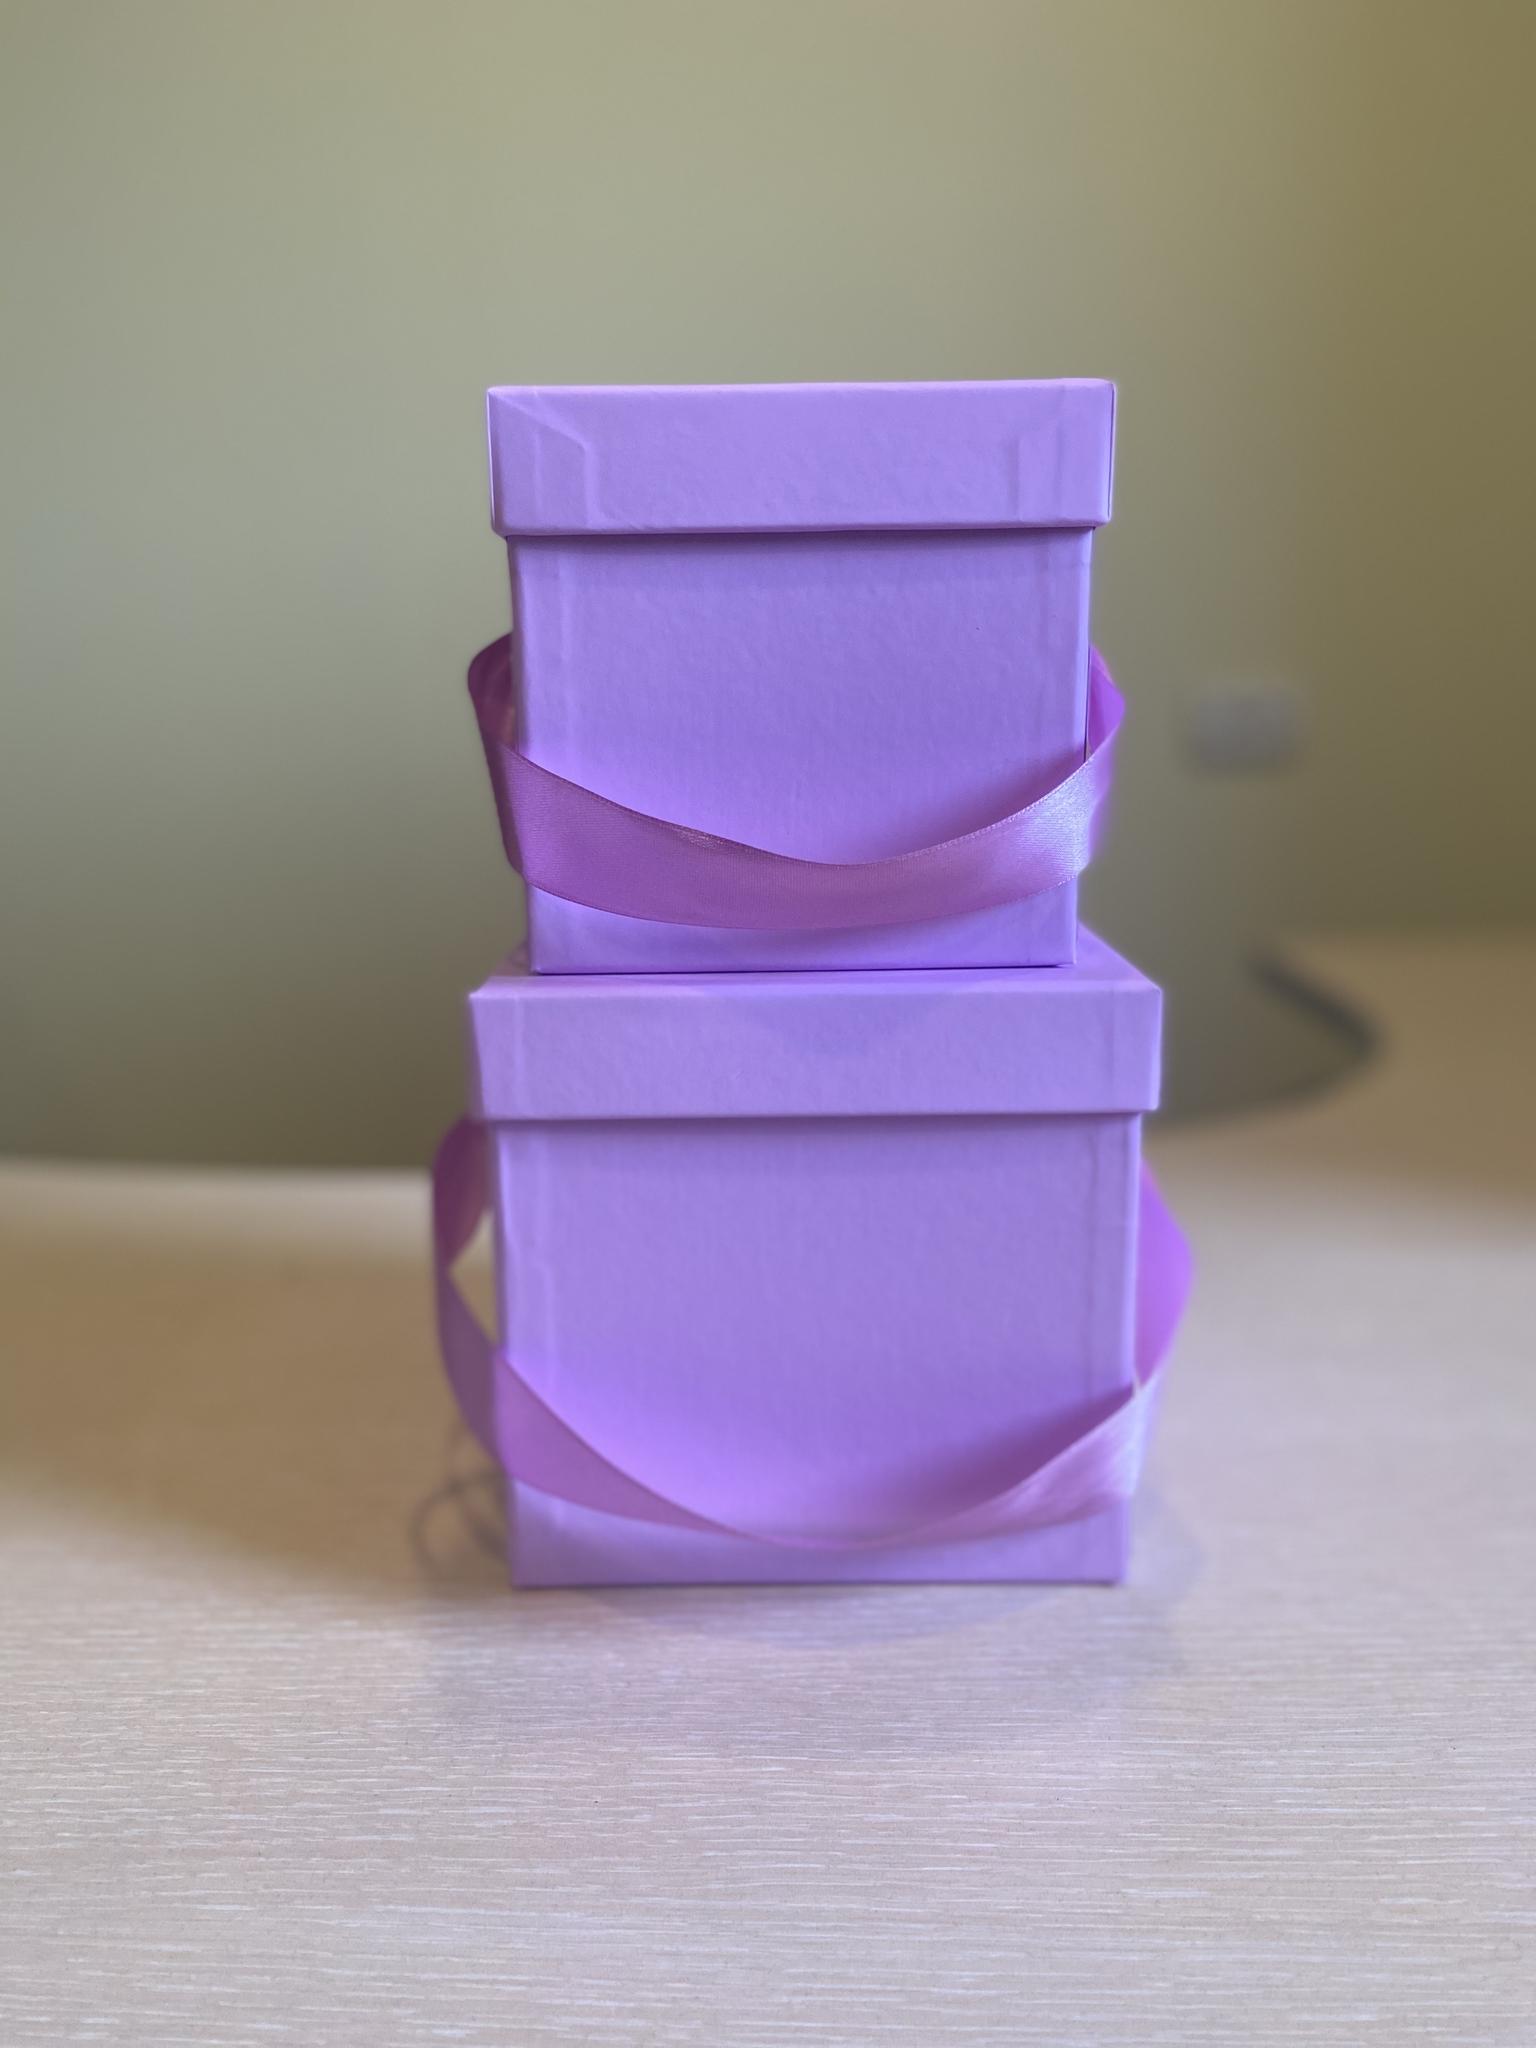 Кубическая коробка 11х11х11 см . Без крышки . Цвет: Светло лиловый . Розница 200 рублей